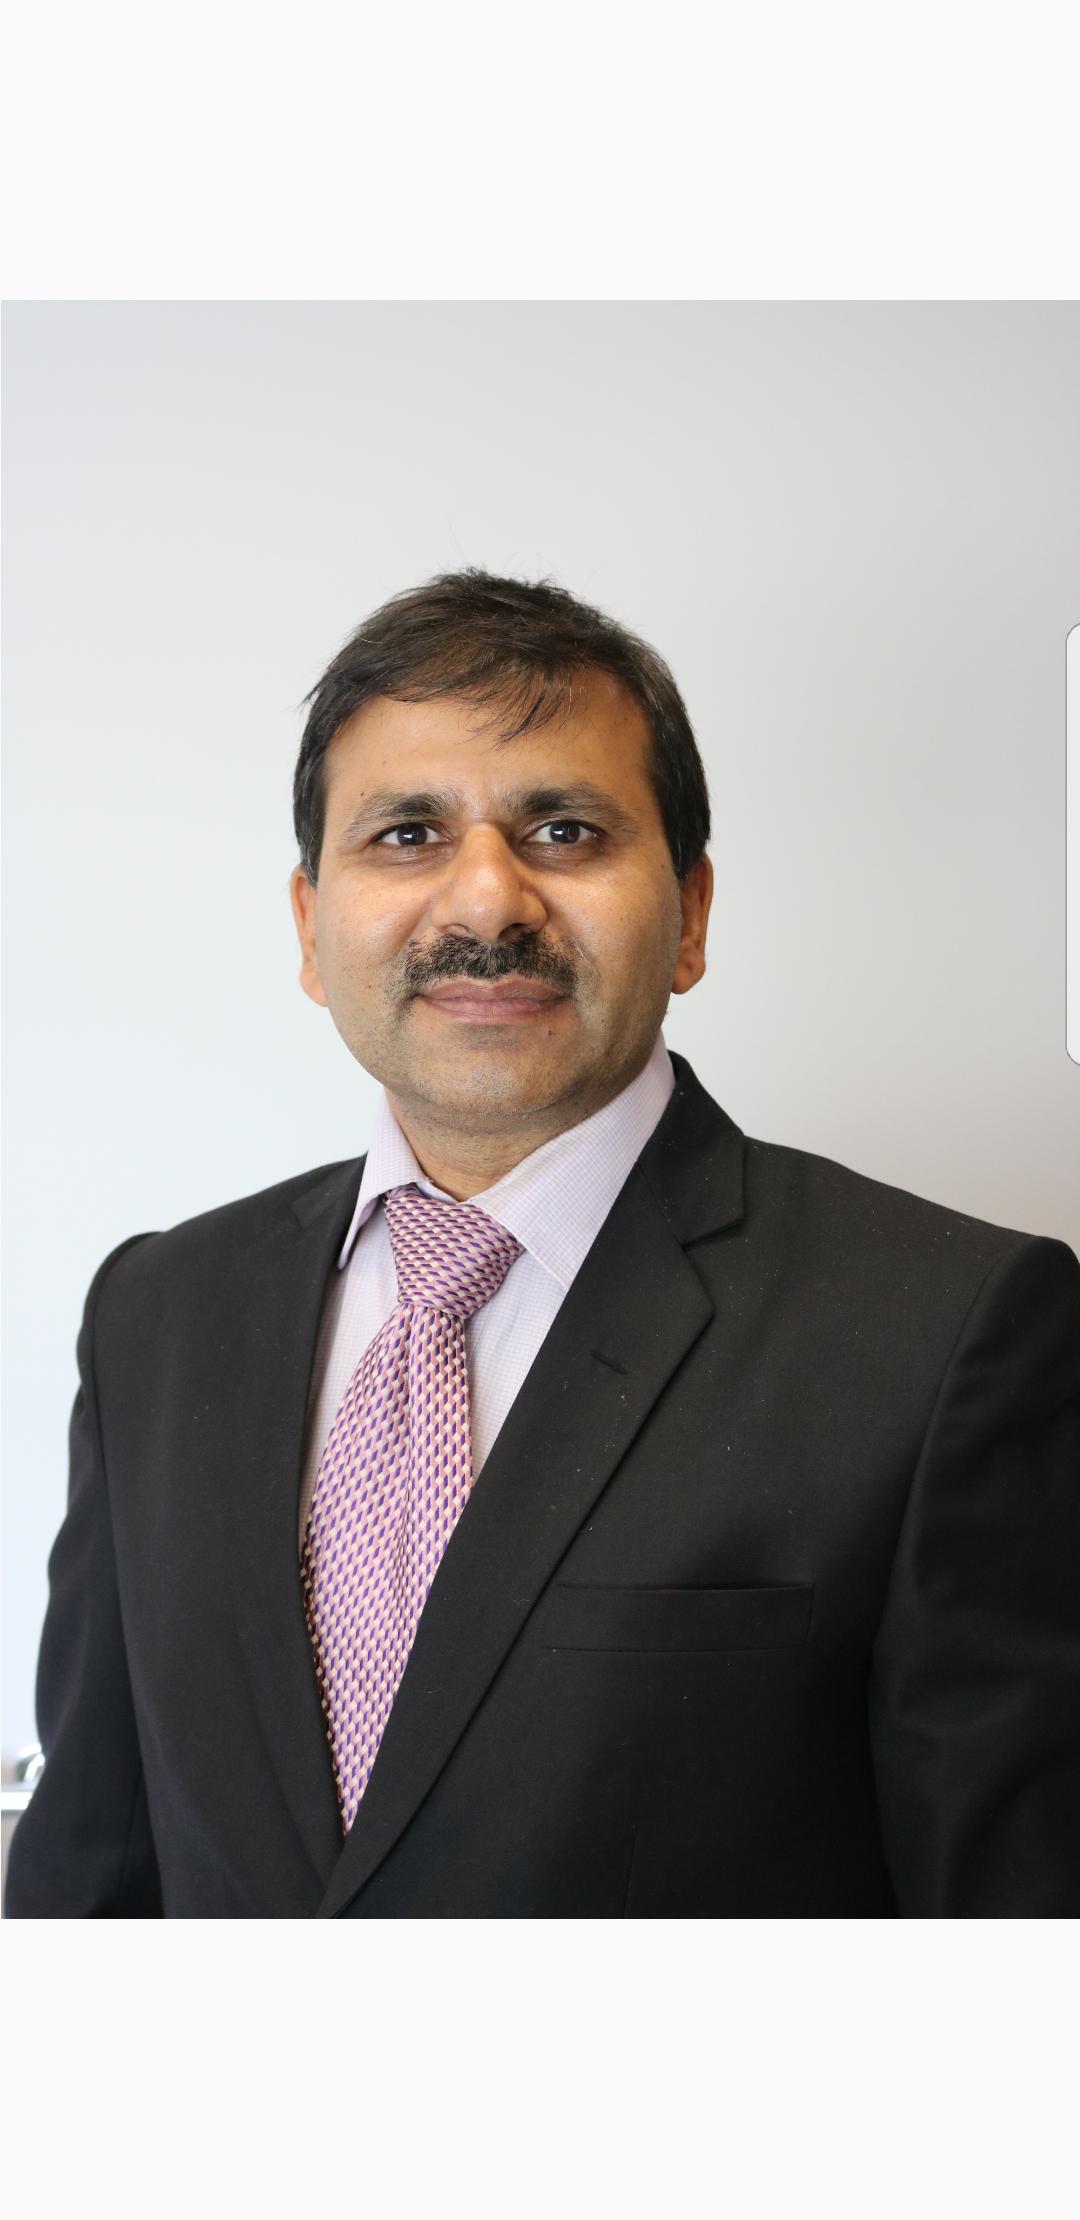 Dr. Parshotam Gera